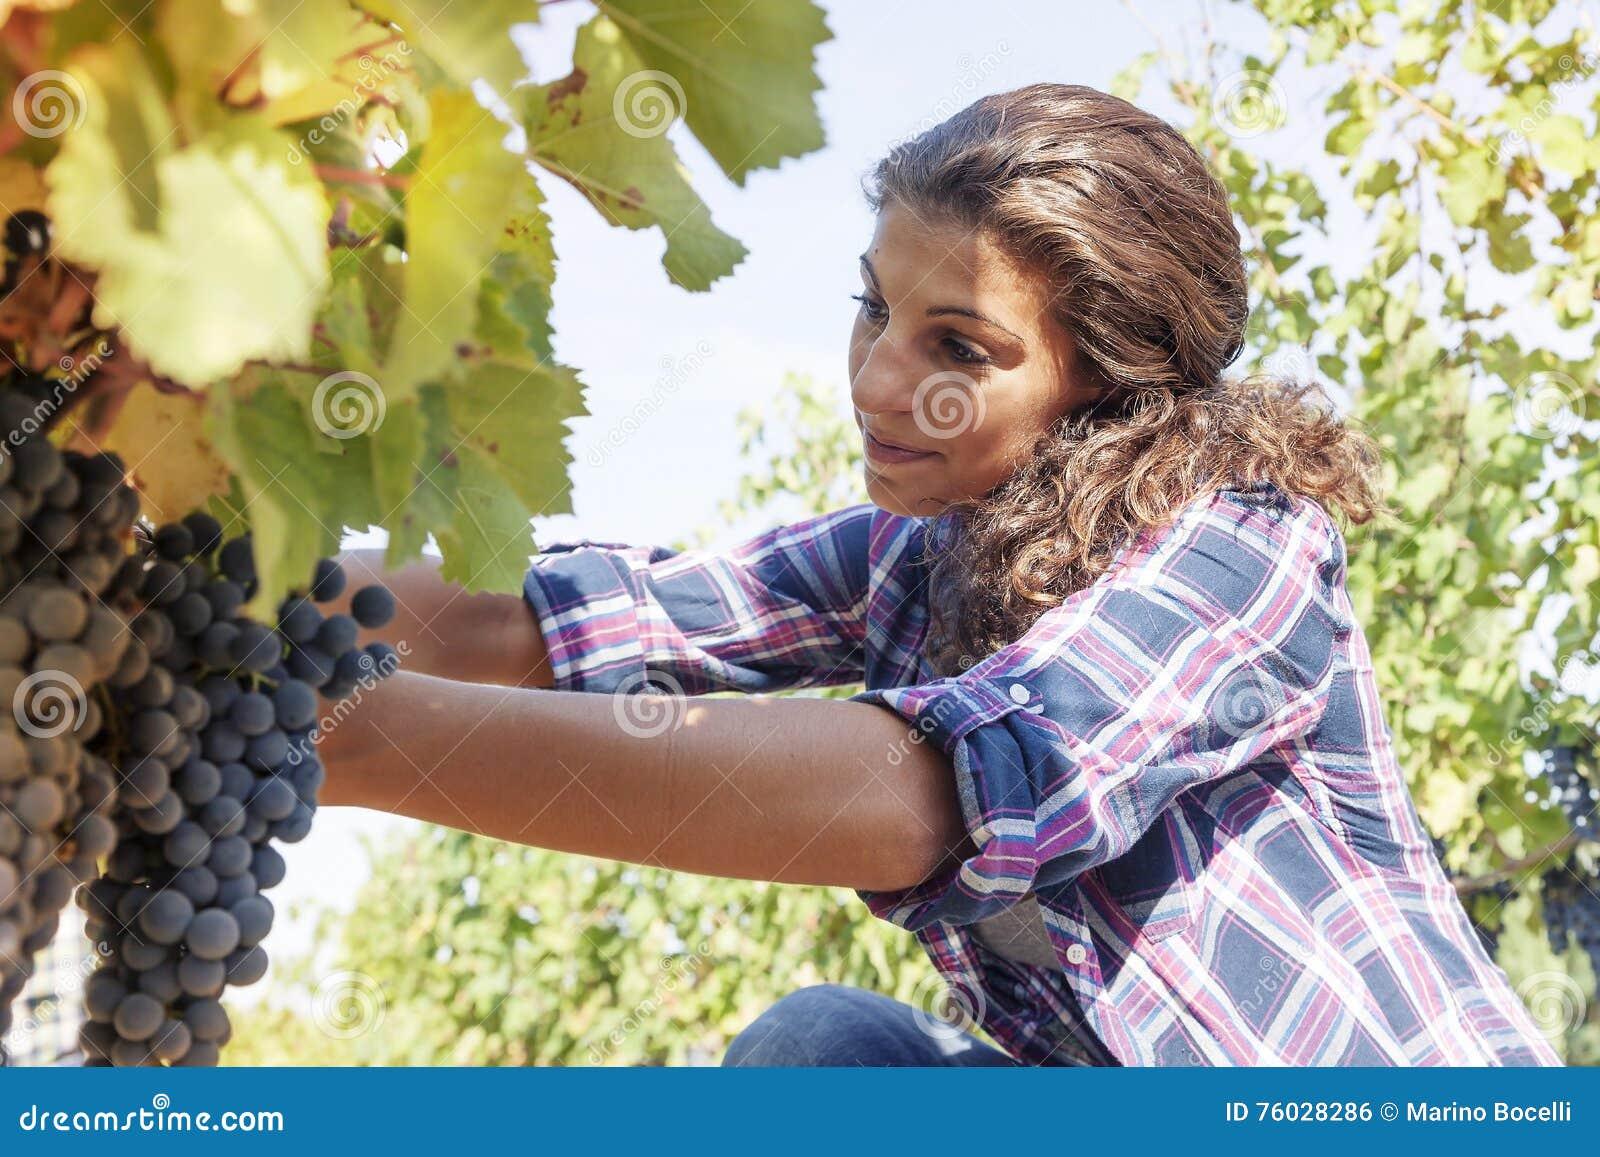 La mujer joven escoge las uvas en un viñedo